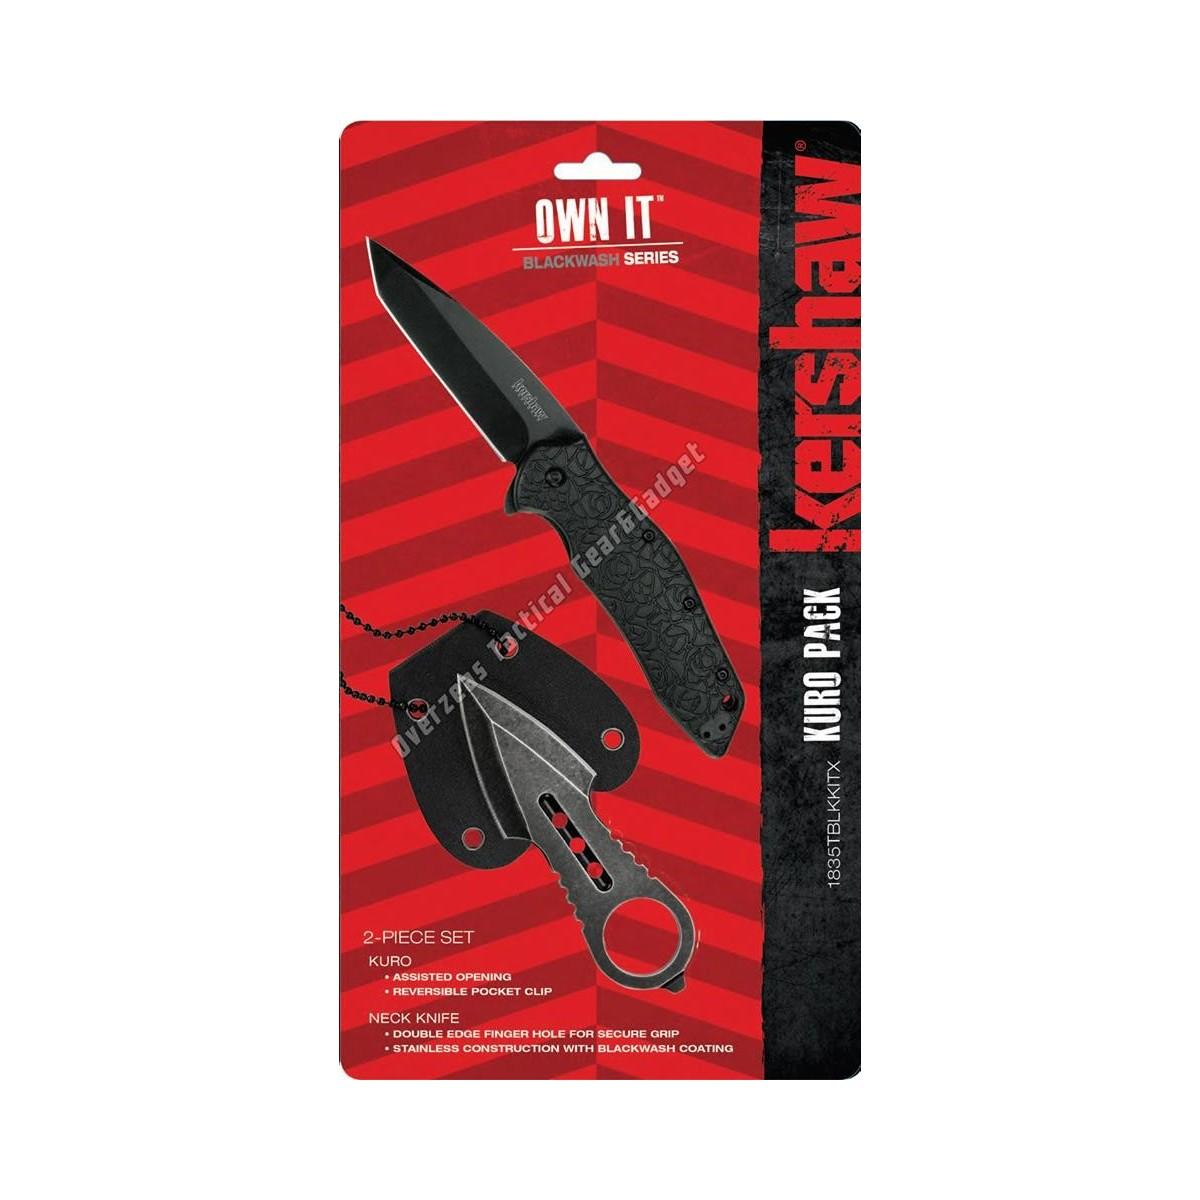 ชุดคอมโบสุดคุ้ม Kershaw Kuro Pack Assisted Opener + D/E Neck Knife Set (1835TBLKKITX)